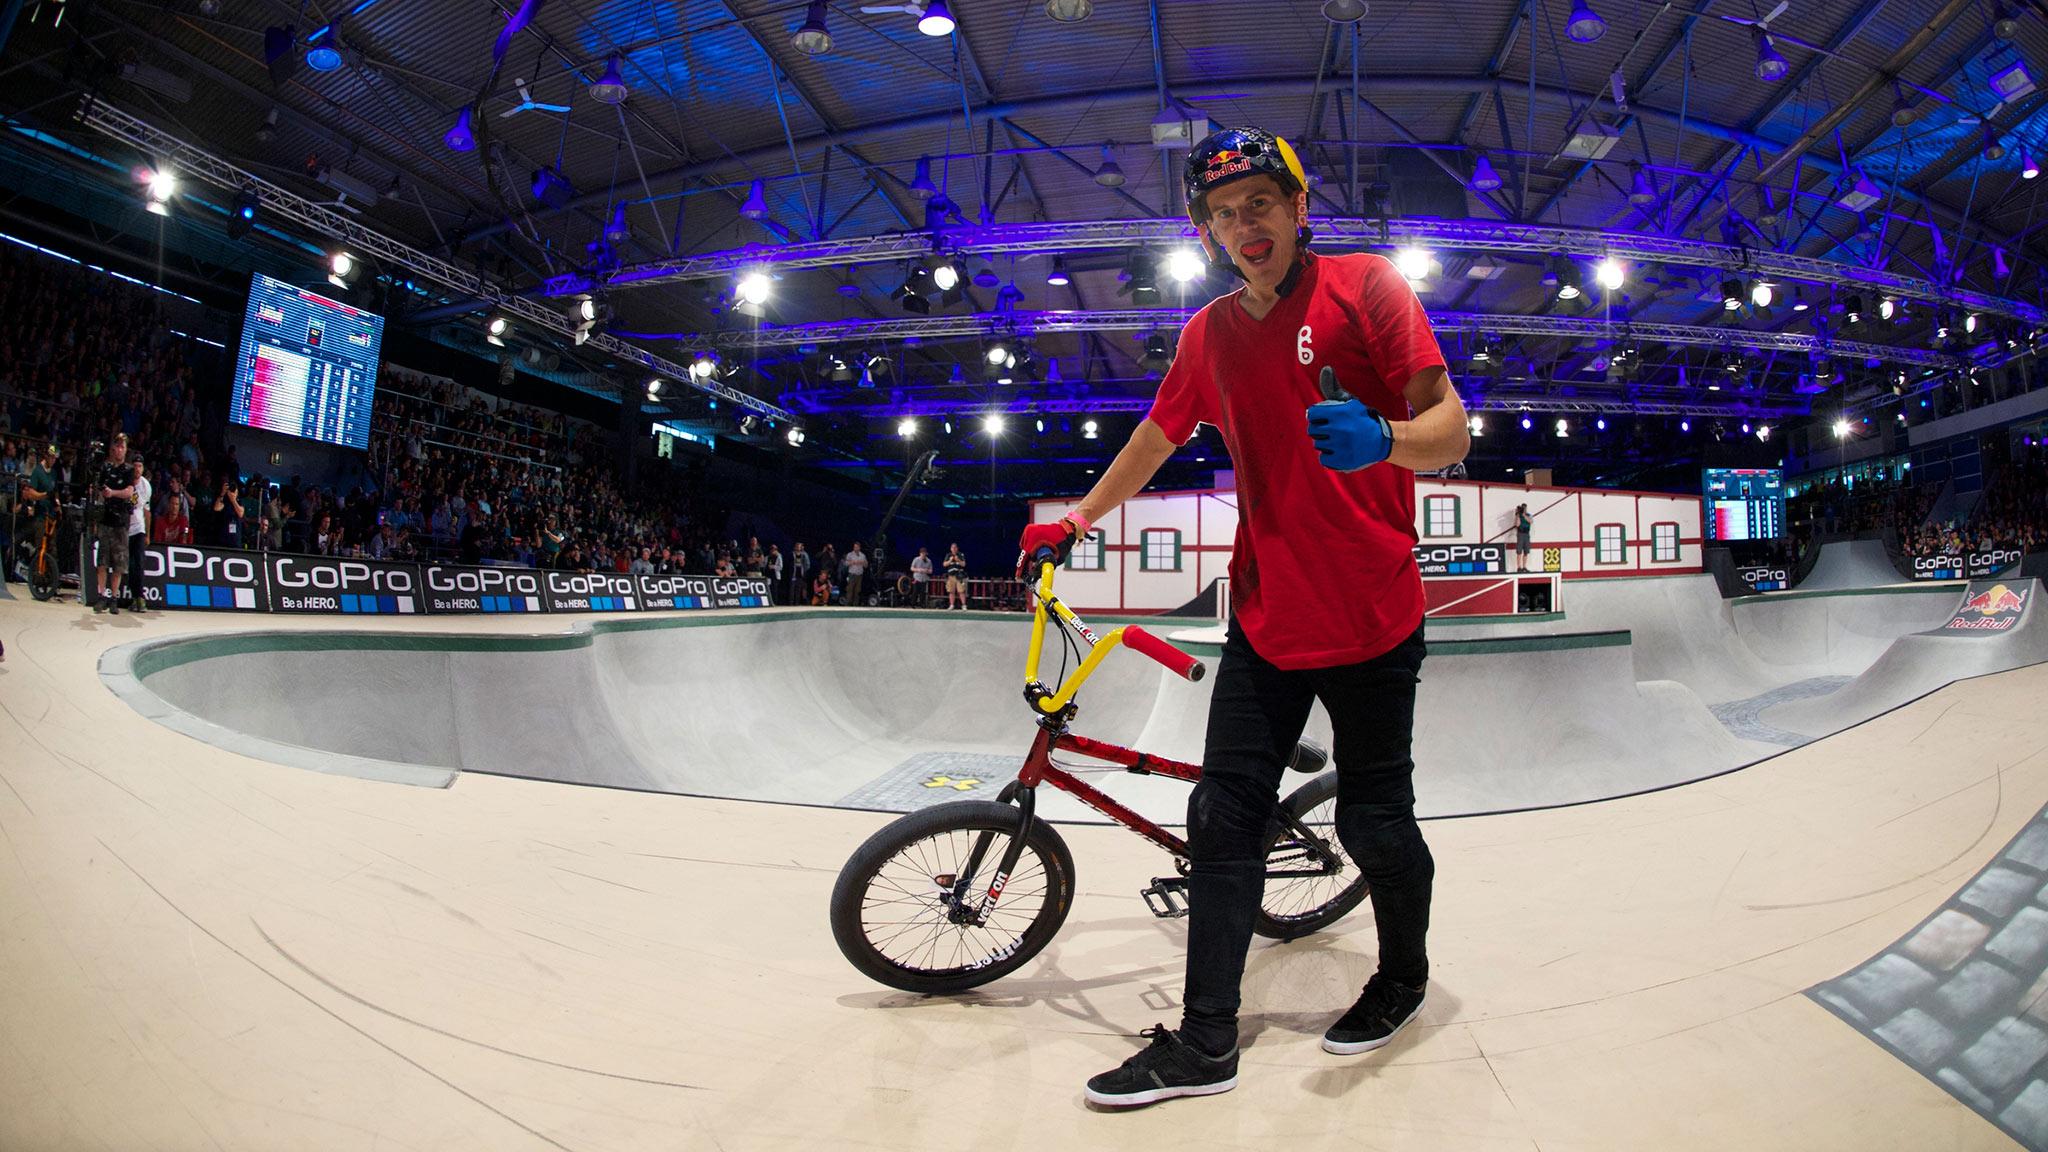 Daniel Dhers -- BMX Park